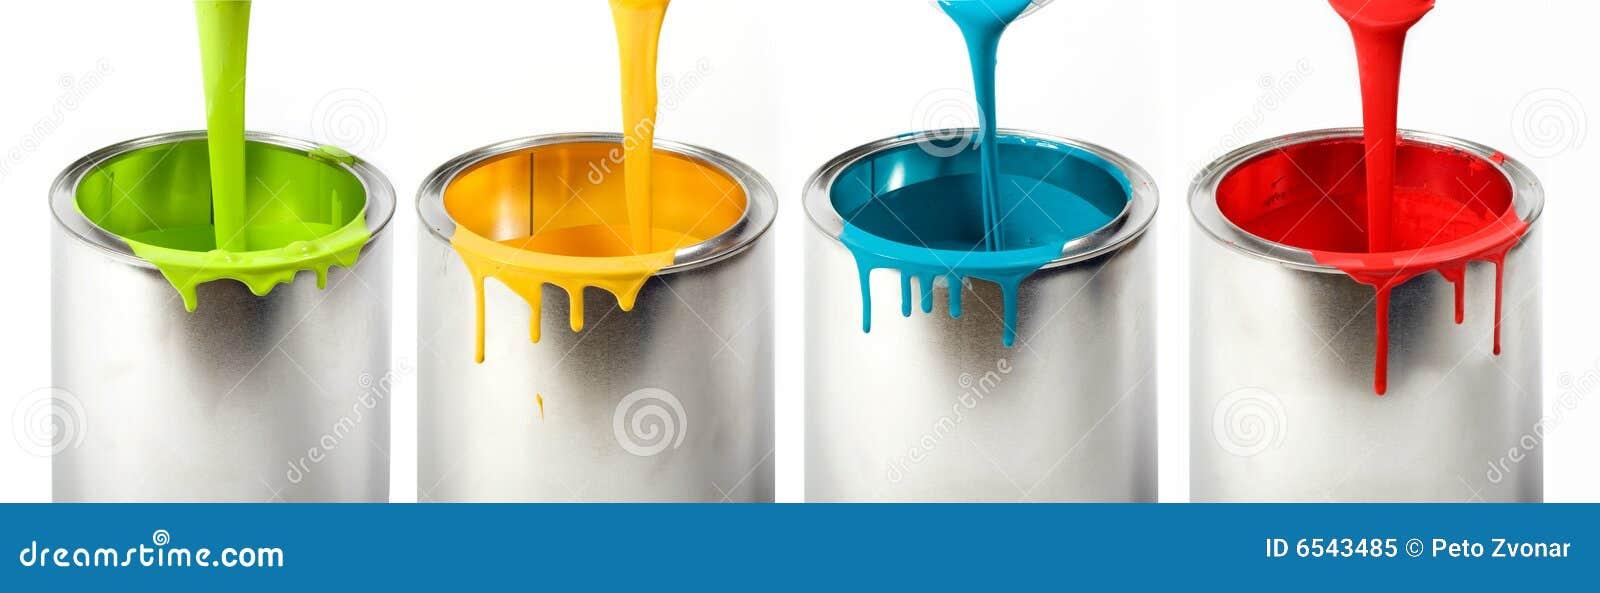 用桶提五颜六色的油漆